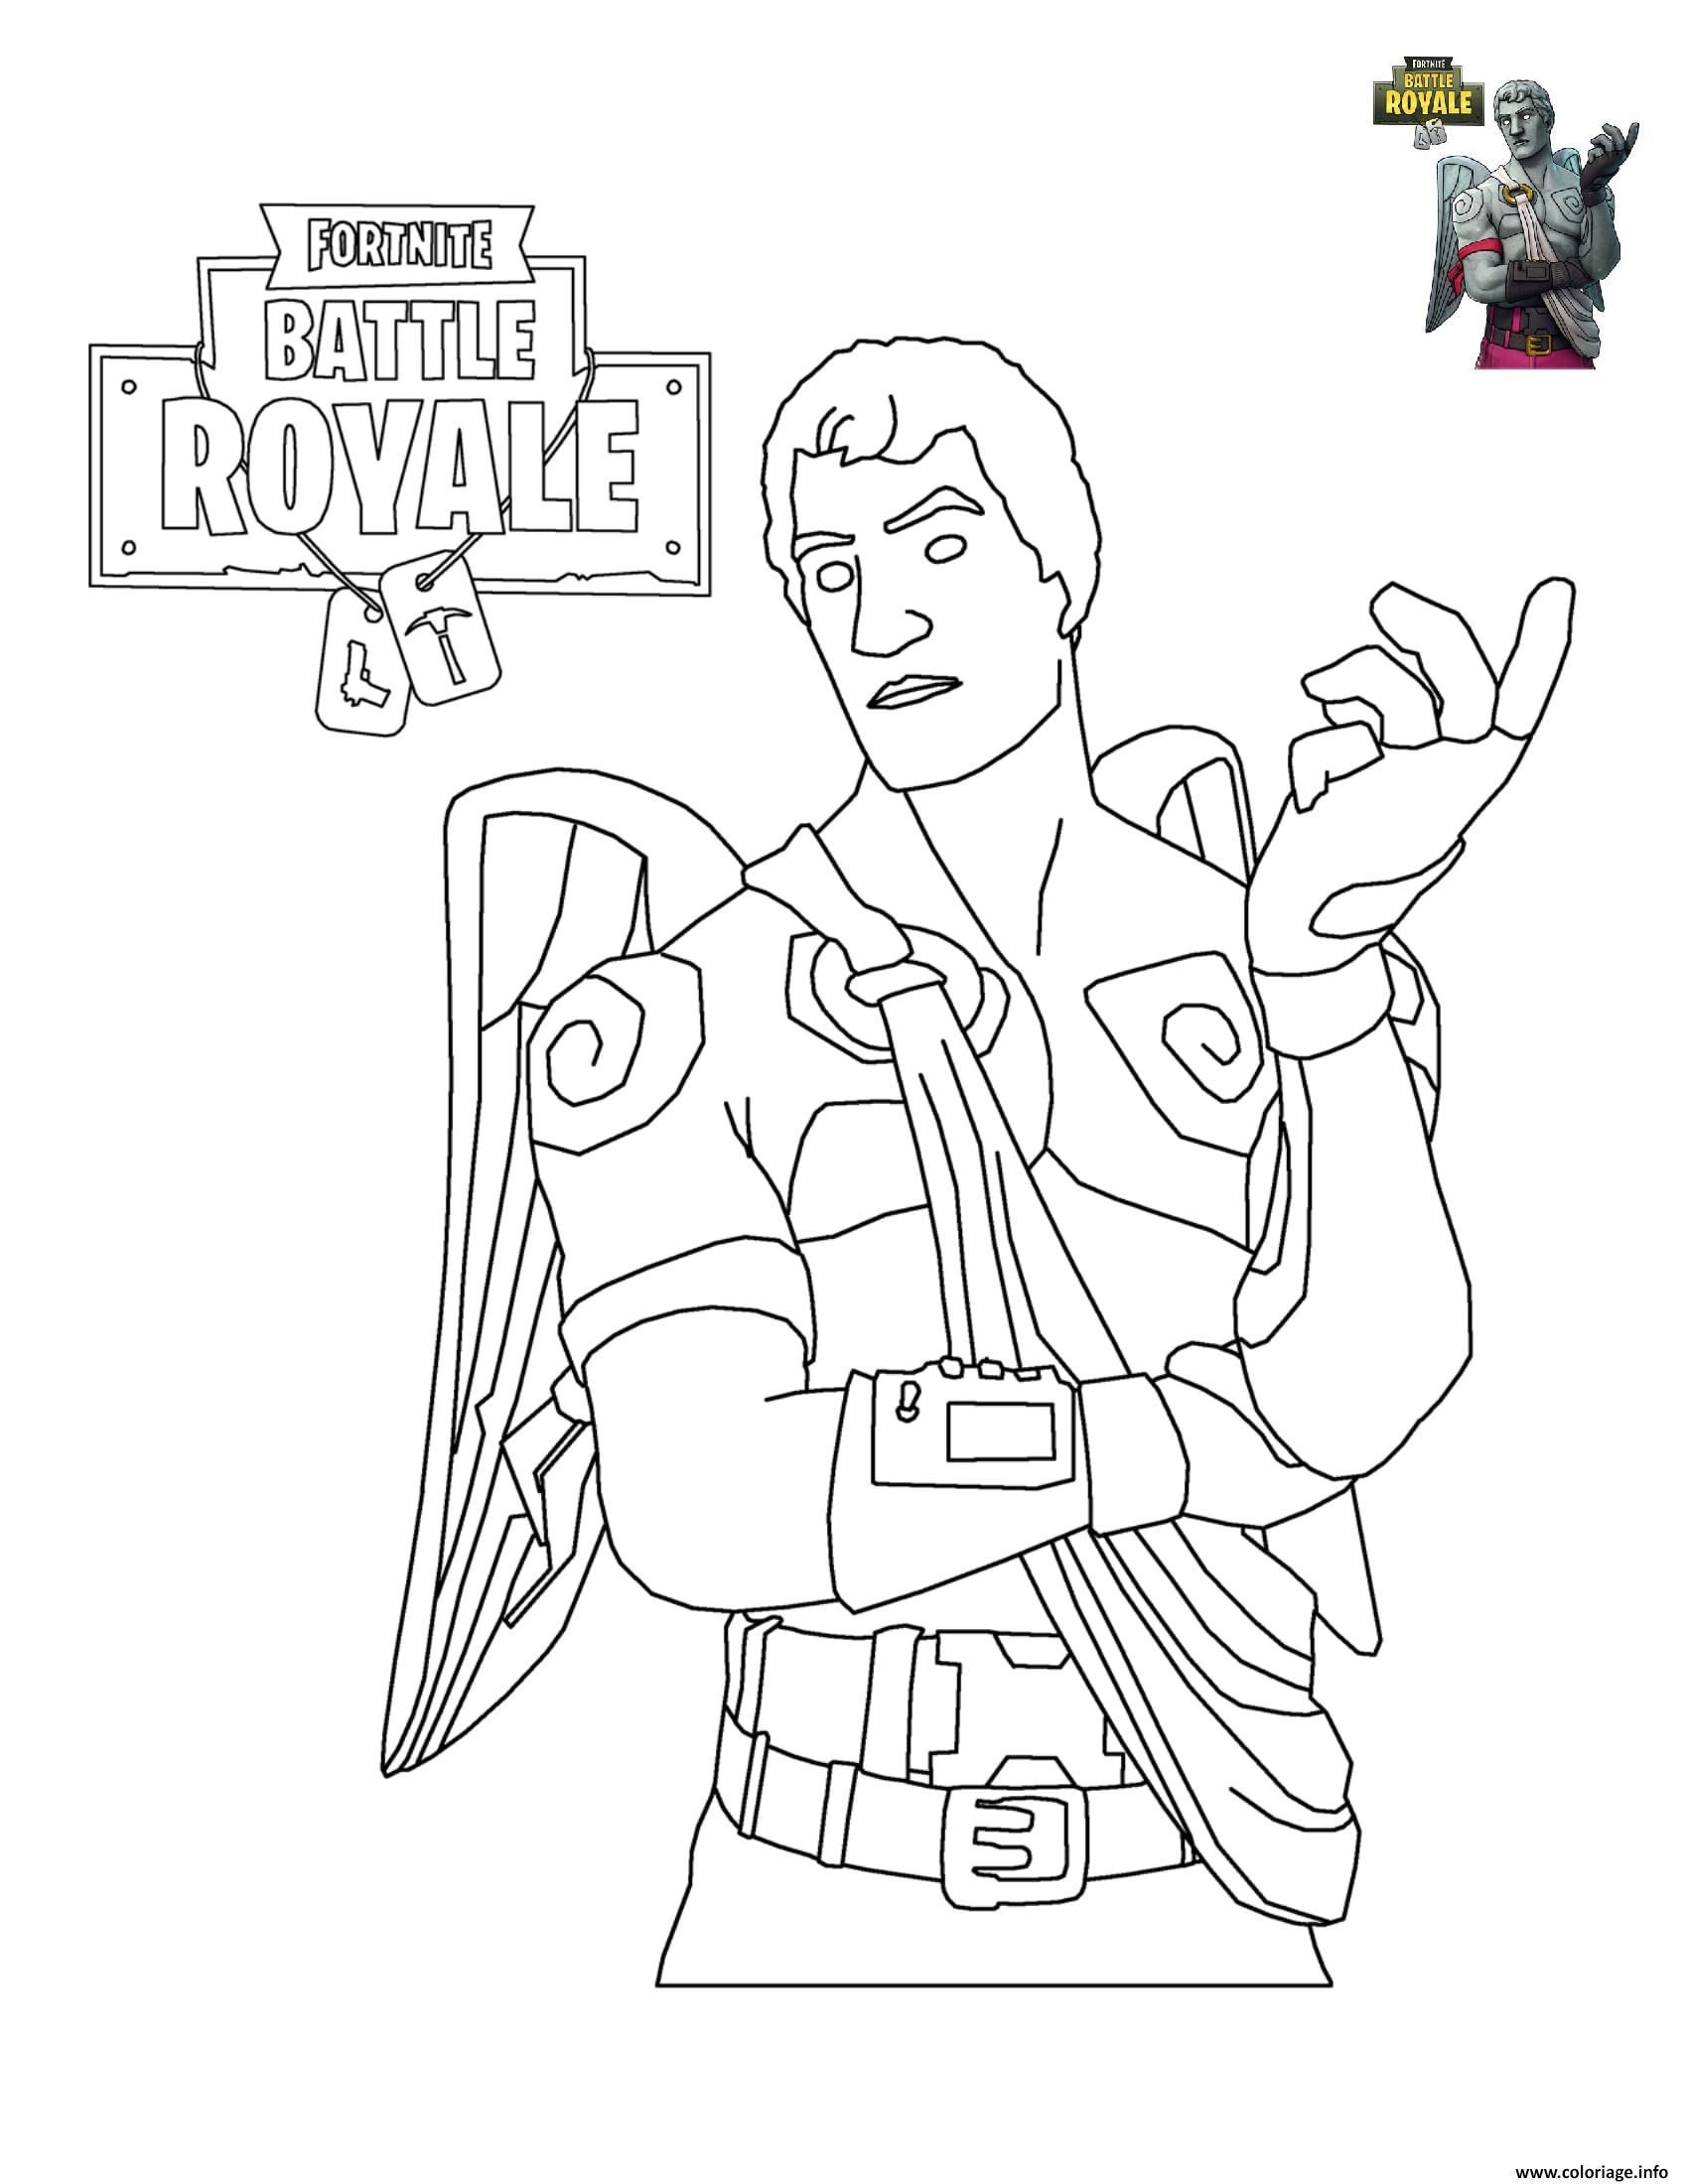 Coloriage Fortnite Battle Royale Personnage 6 Dessin dedans Personnage A Colorier